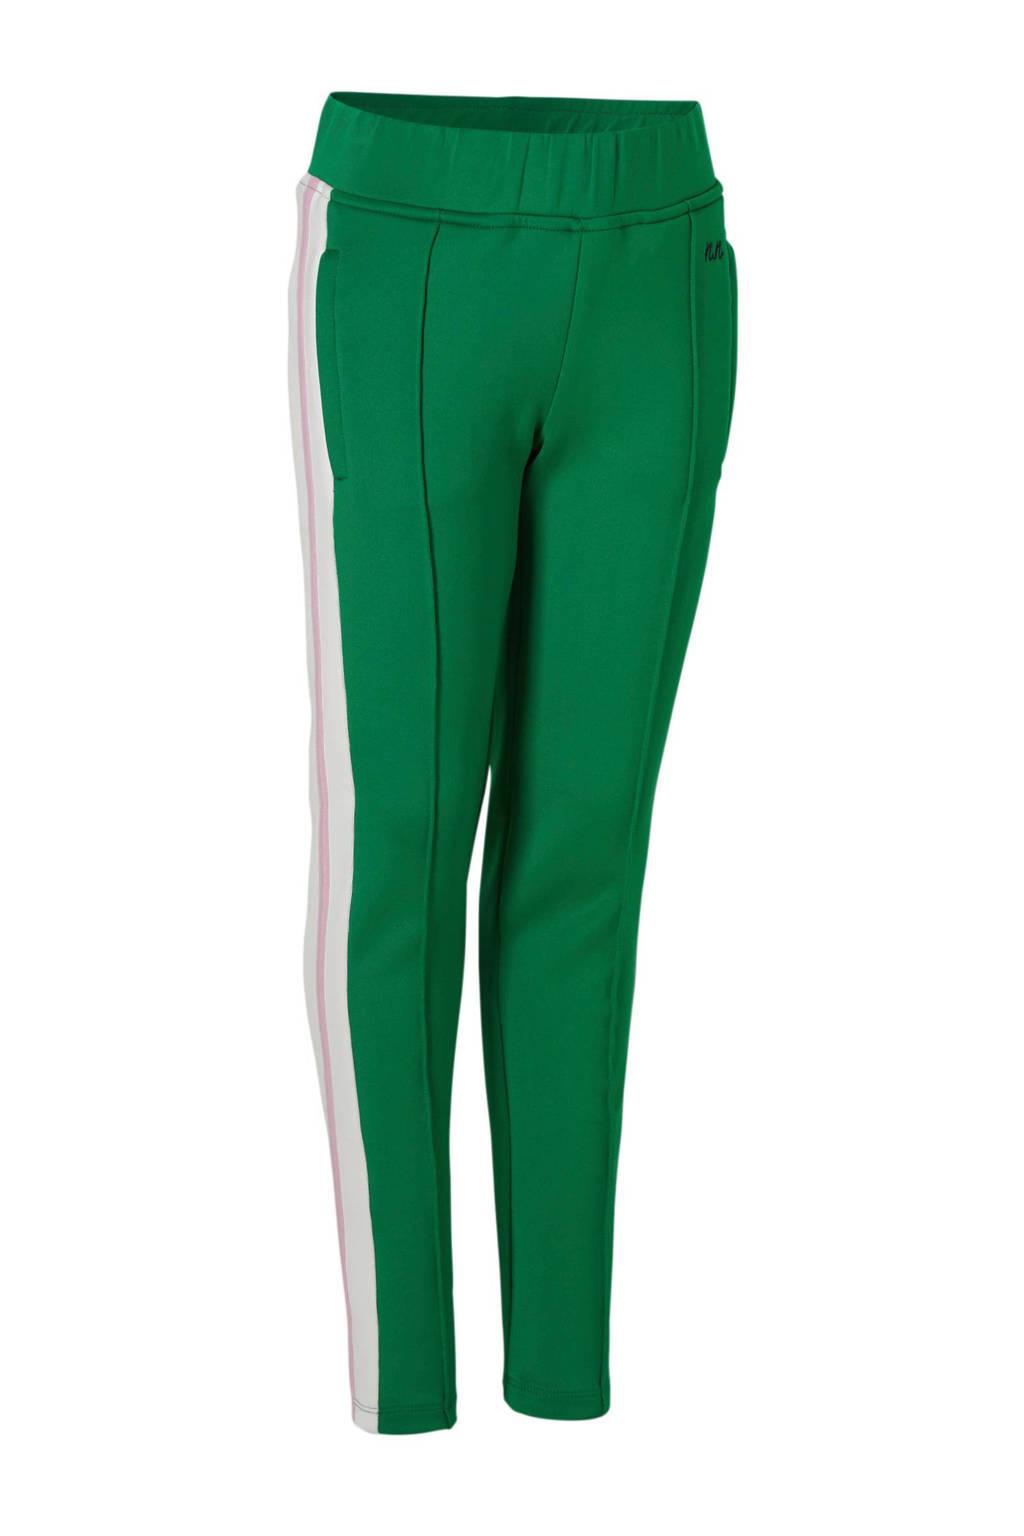 NIK&NIK sweatpants Flora met zij-streep groen, Groen/wit/lichtroze